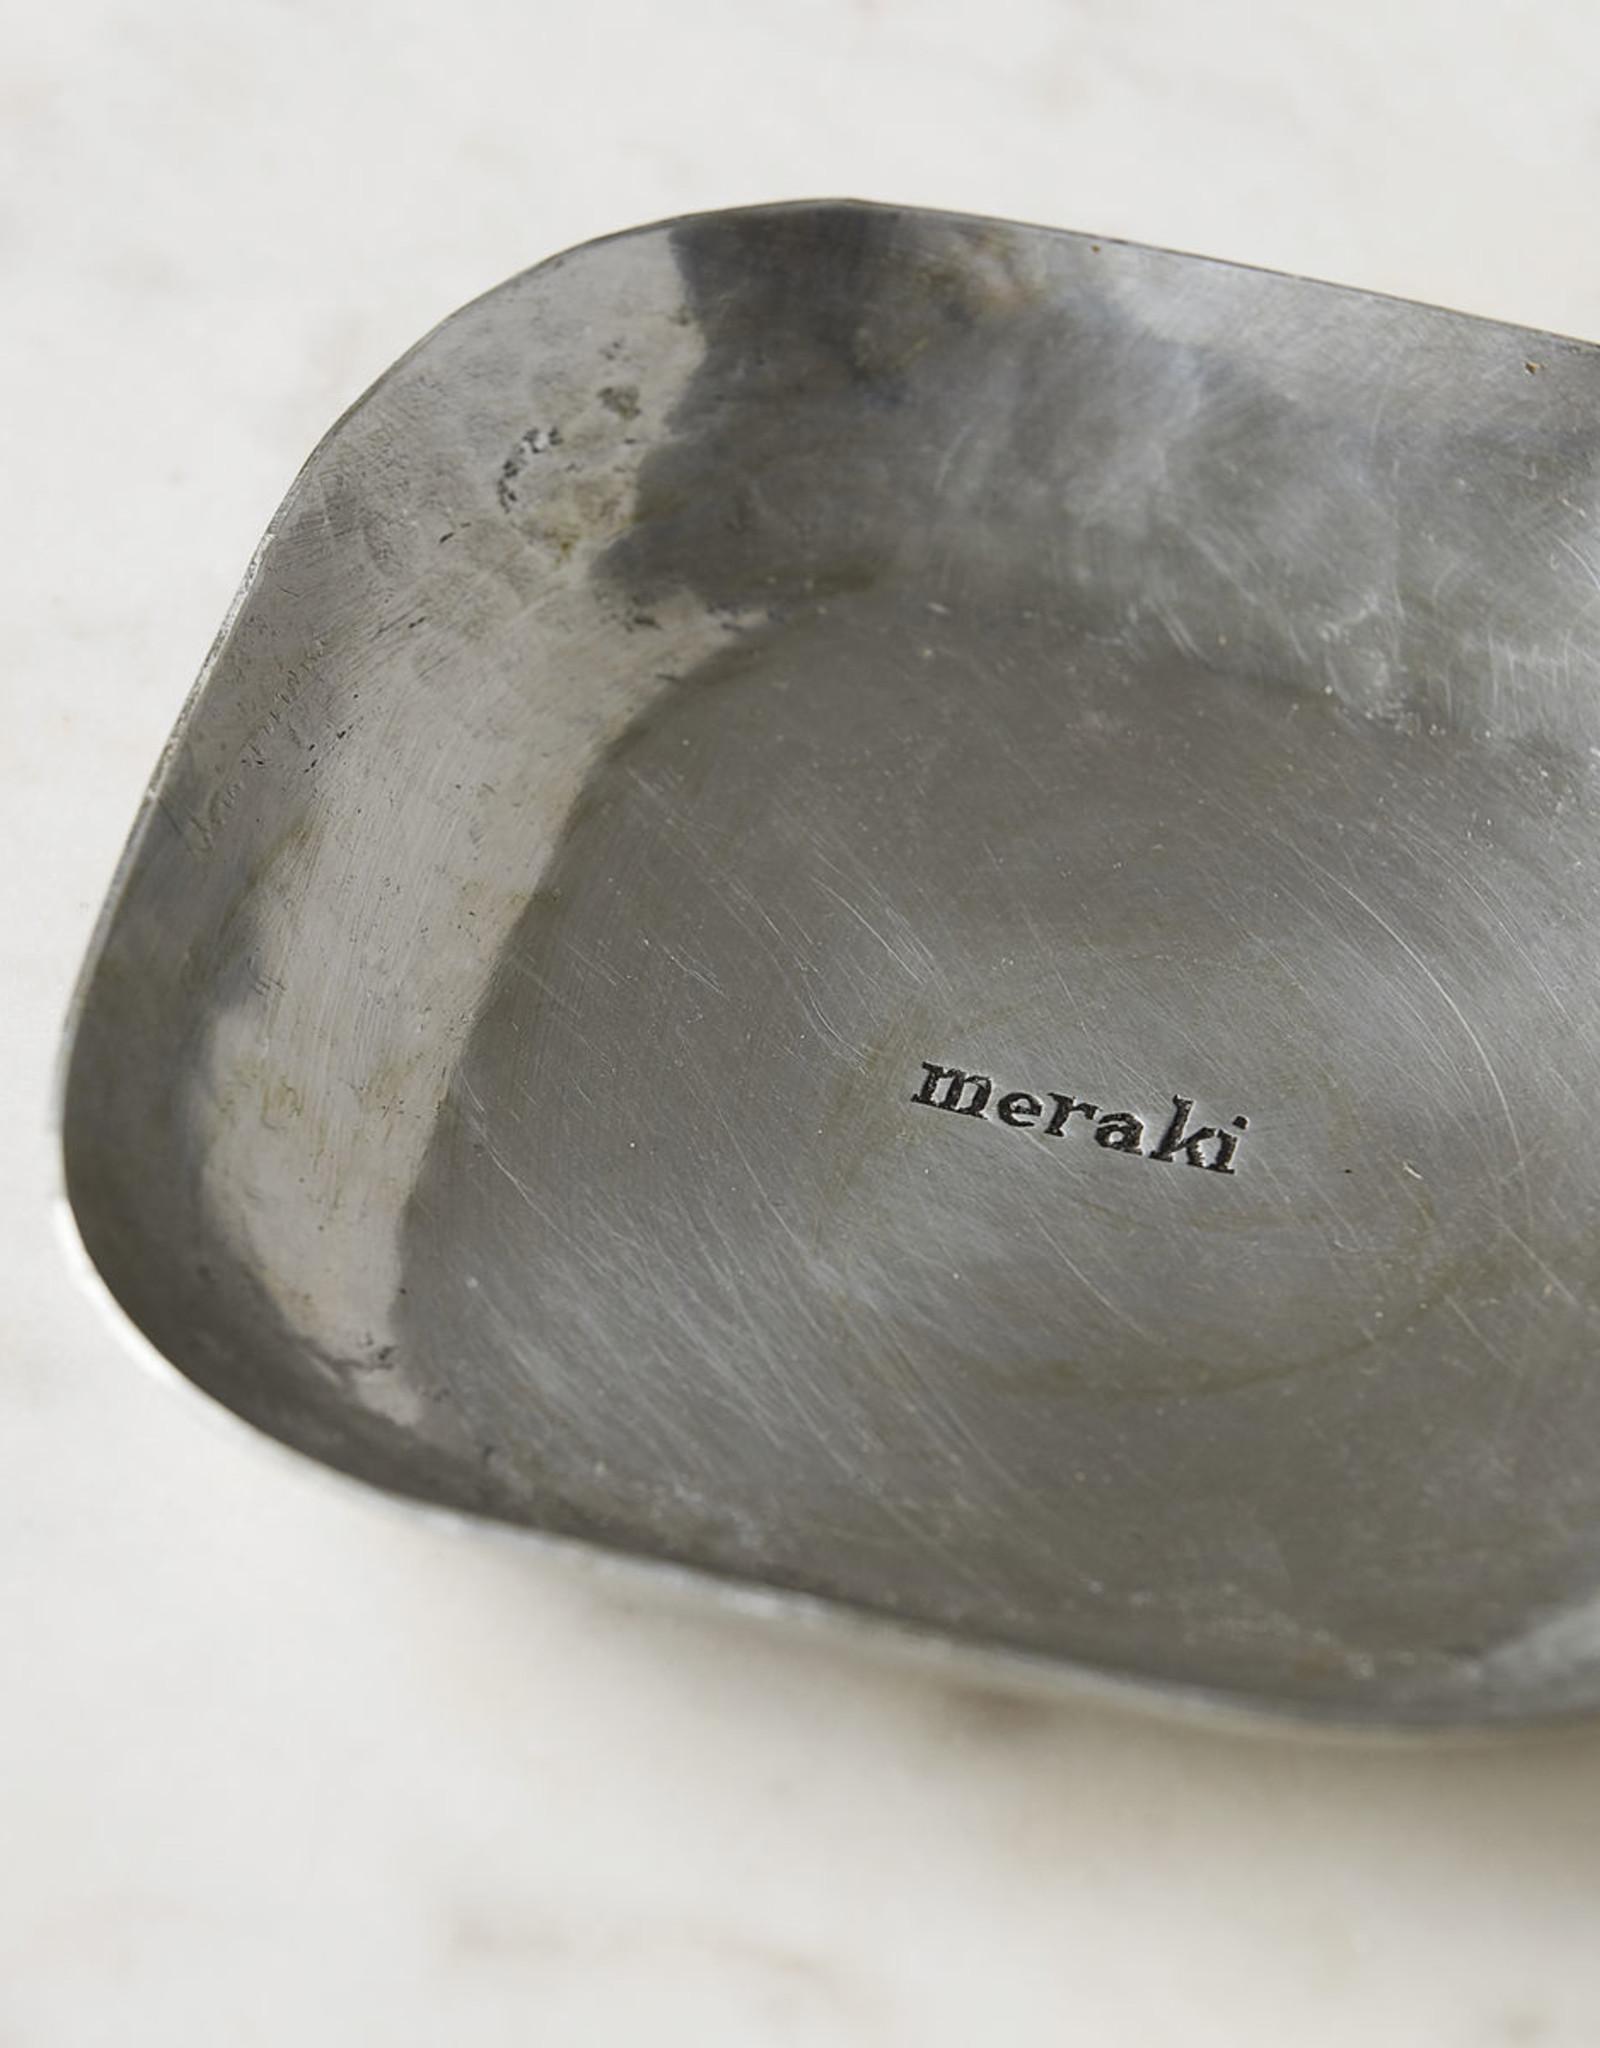 Meraki tray aluminium